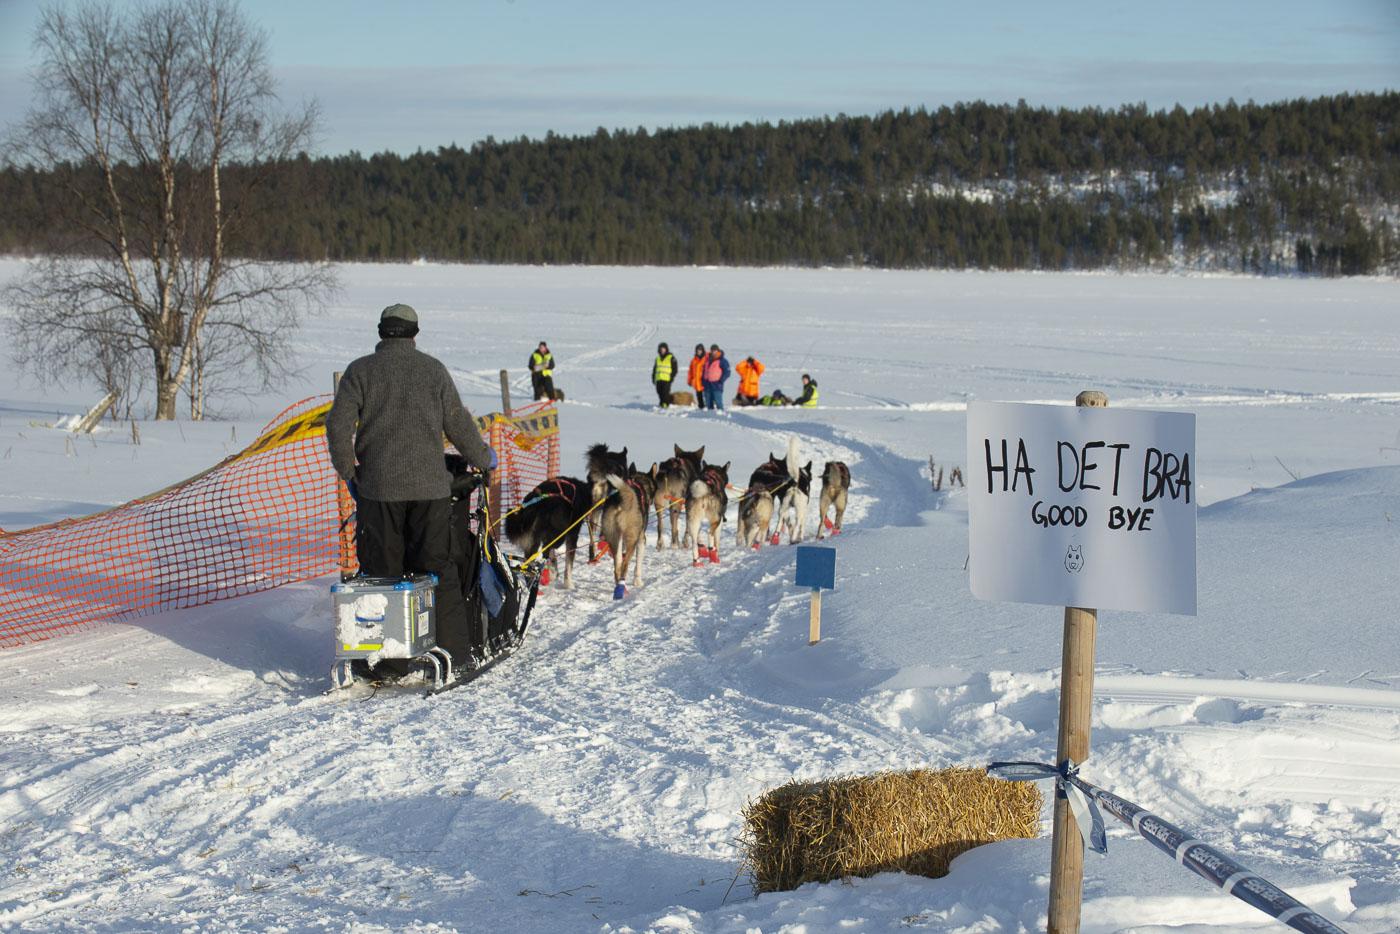 Petter Karlsson departs the Øvre Pasvik checkpoint to begin the return leg of the 2019 Finnmarksløpet.